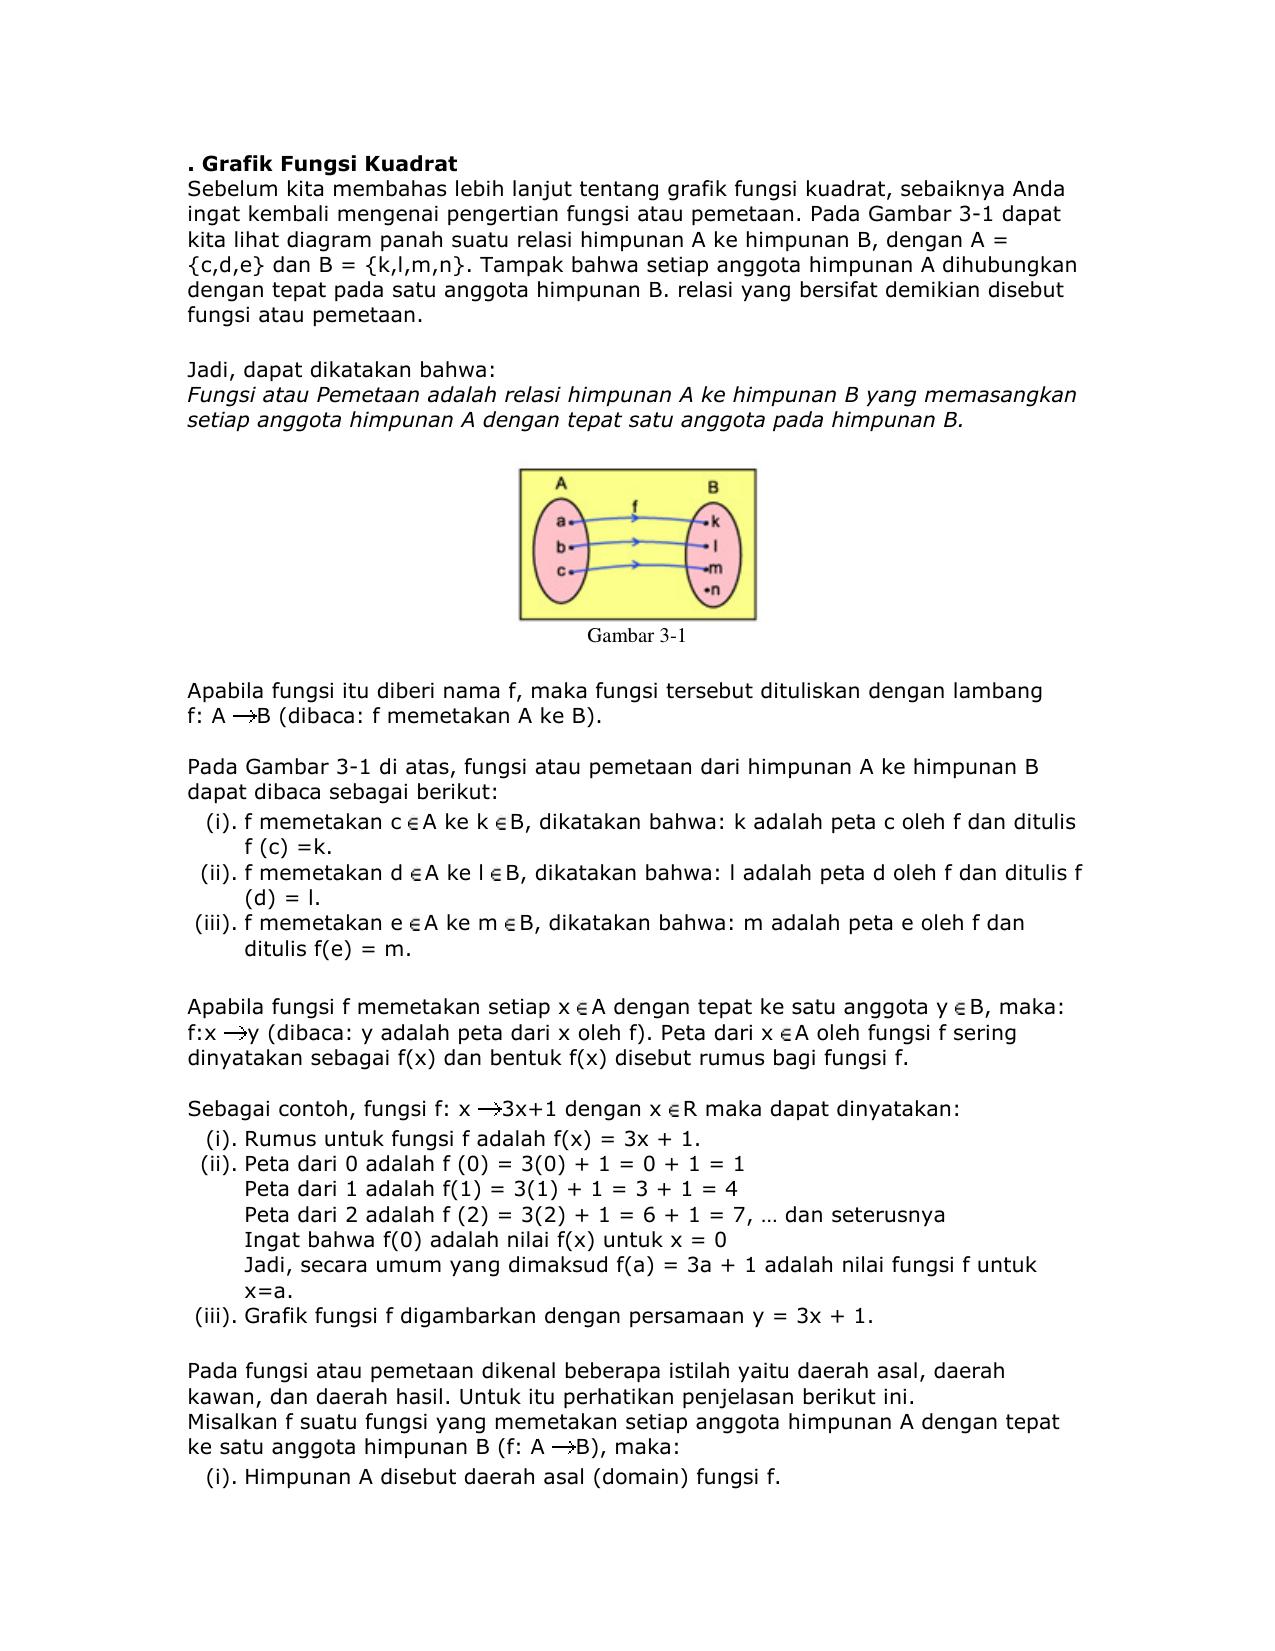 Grafik fungsi kuadrat sebelum kita membahas lebih lanjut tentang grafik fungsi kuadrat sebelum kita membahas lebih lanjut tentang ccuart Images